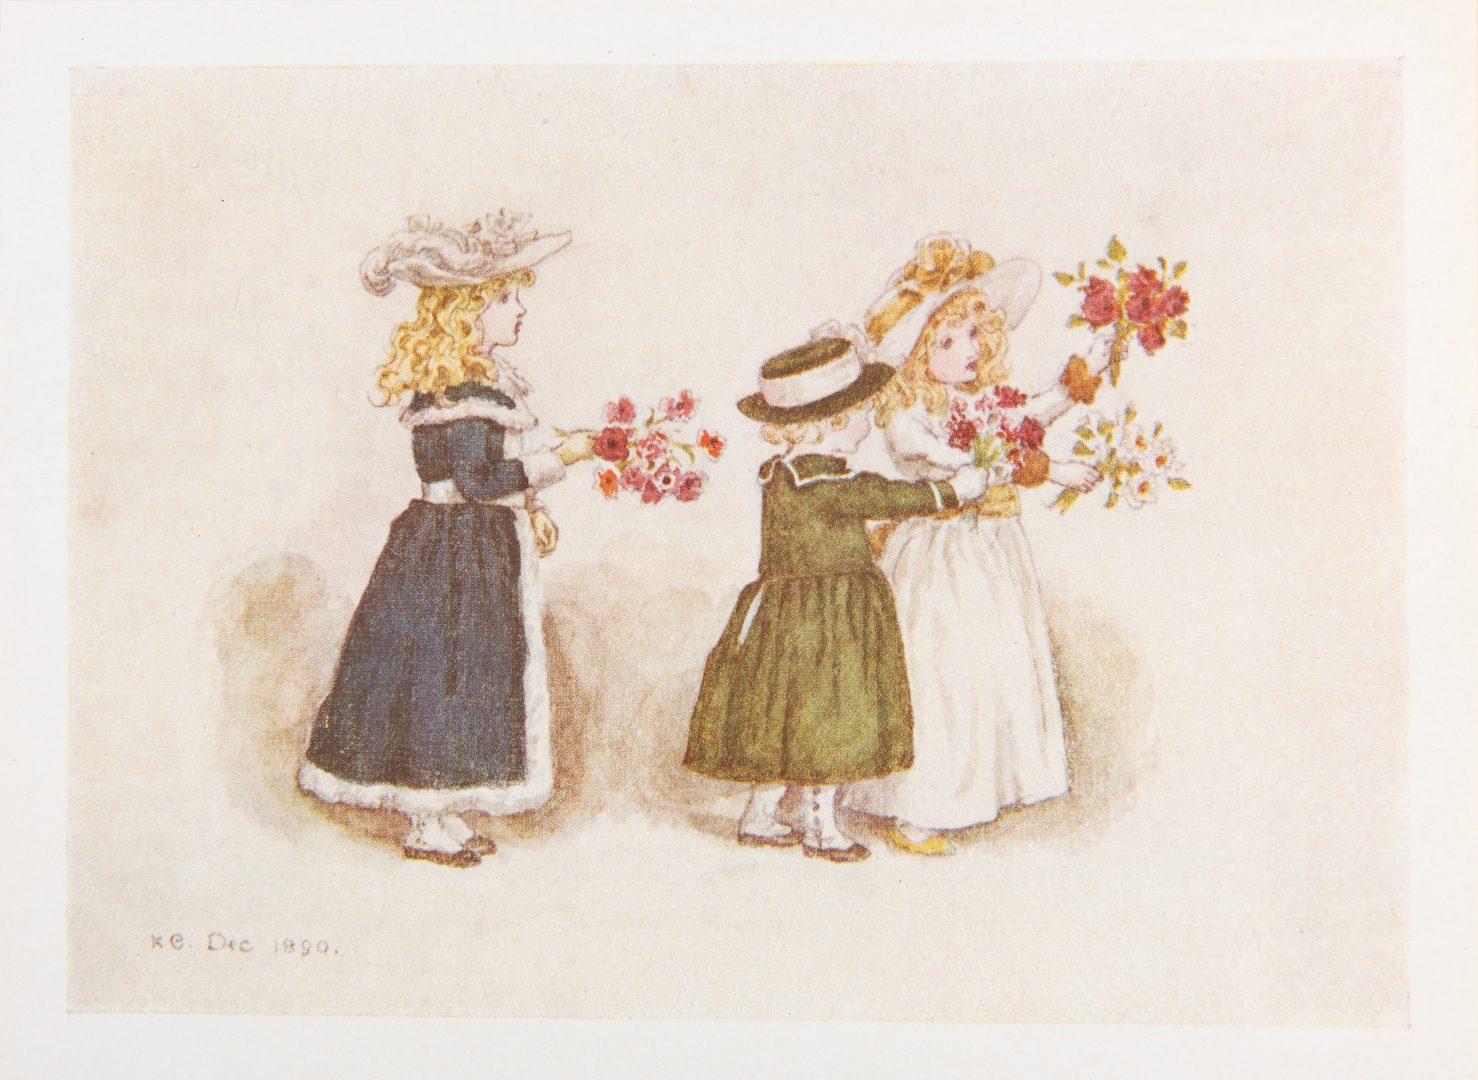 Lot 113: 4 Kate Greenaway Items, inc. Watercolor, Books